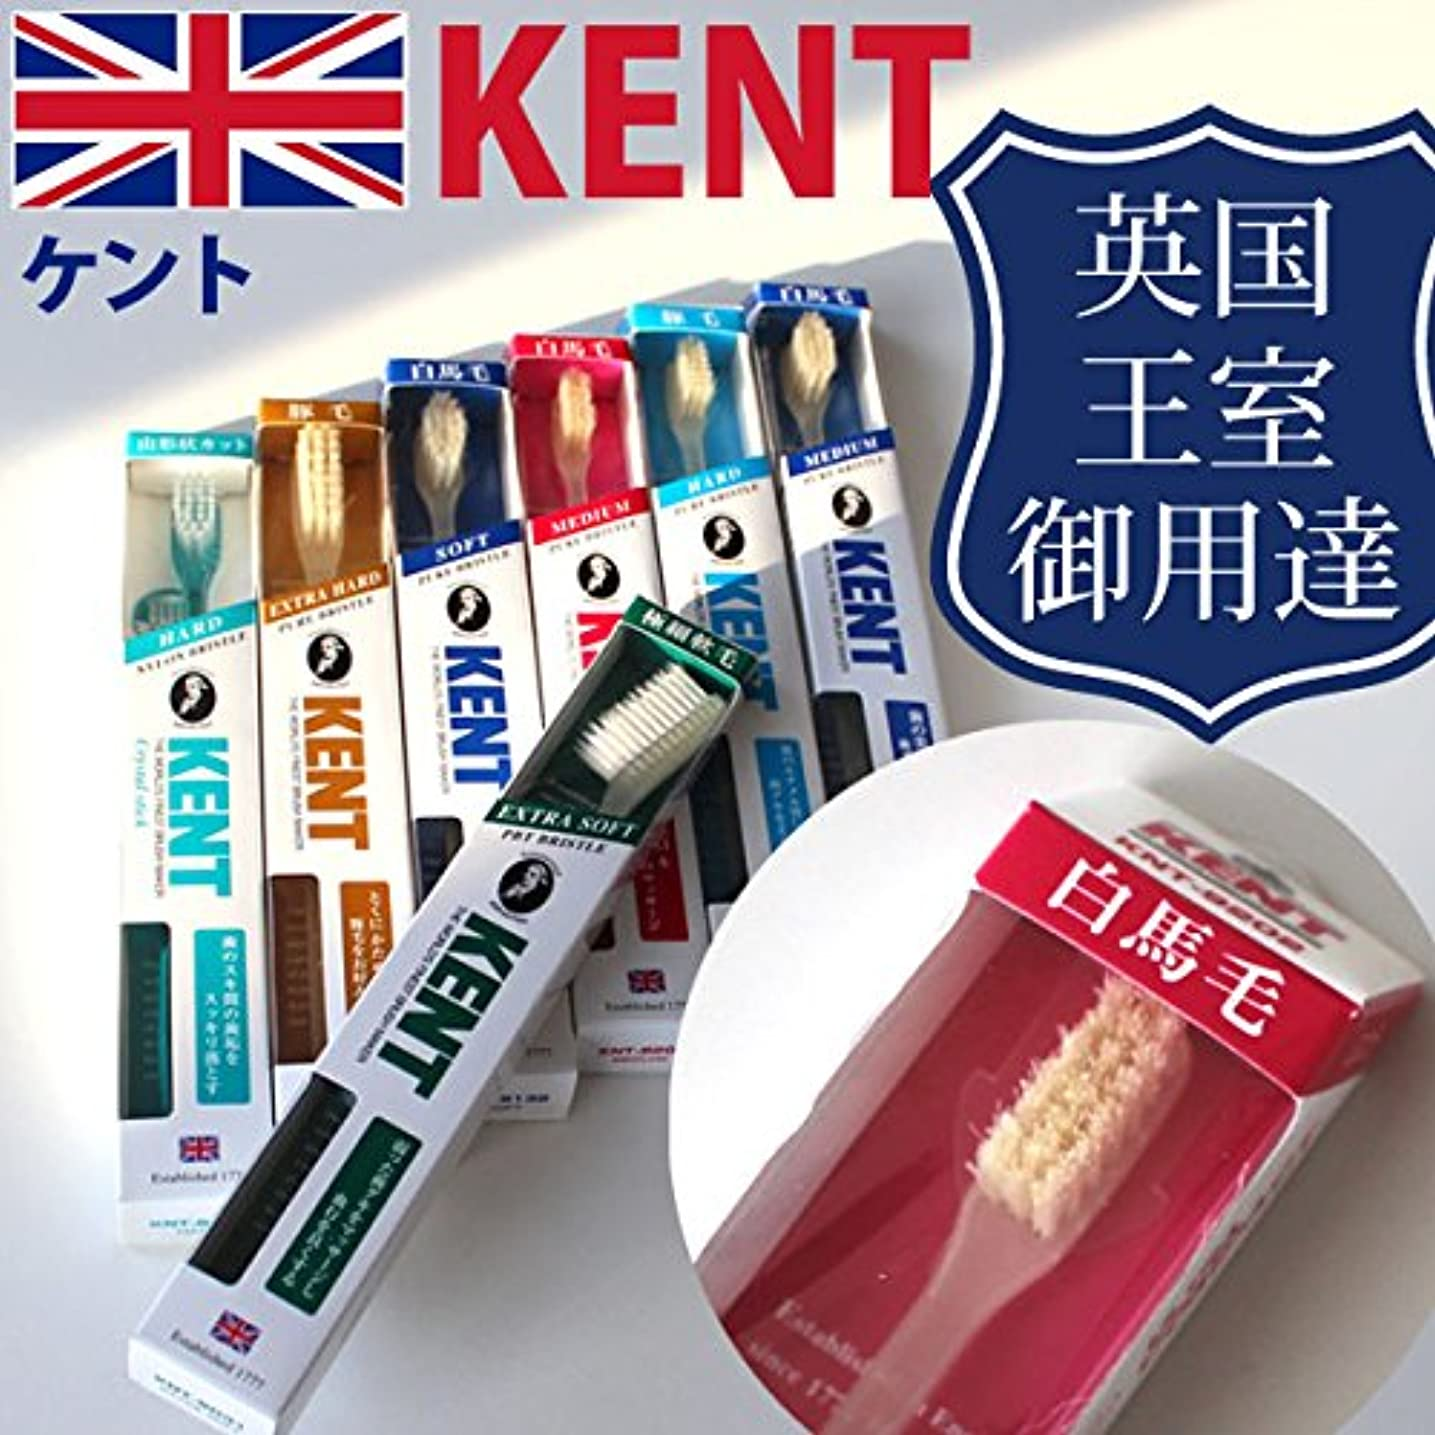 レンドスパーク葉を拾うケント KENT 白馬毛 超コンパクト歯ブラシ KNT-9102/9202 6本入り 他のコンパクトヘッドに比べて歯 やわらかめ